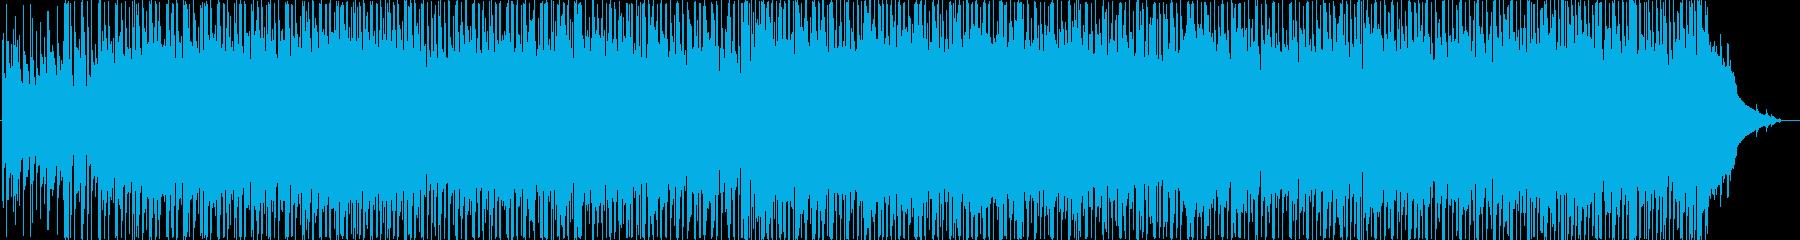 アコーディオンベースとドラムを備え...の再生済みの波形